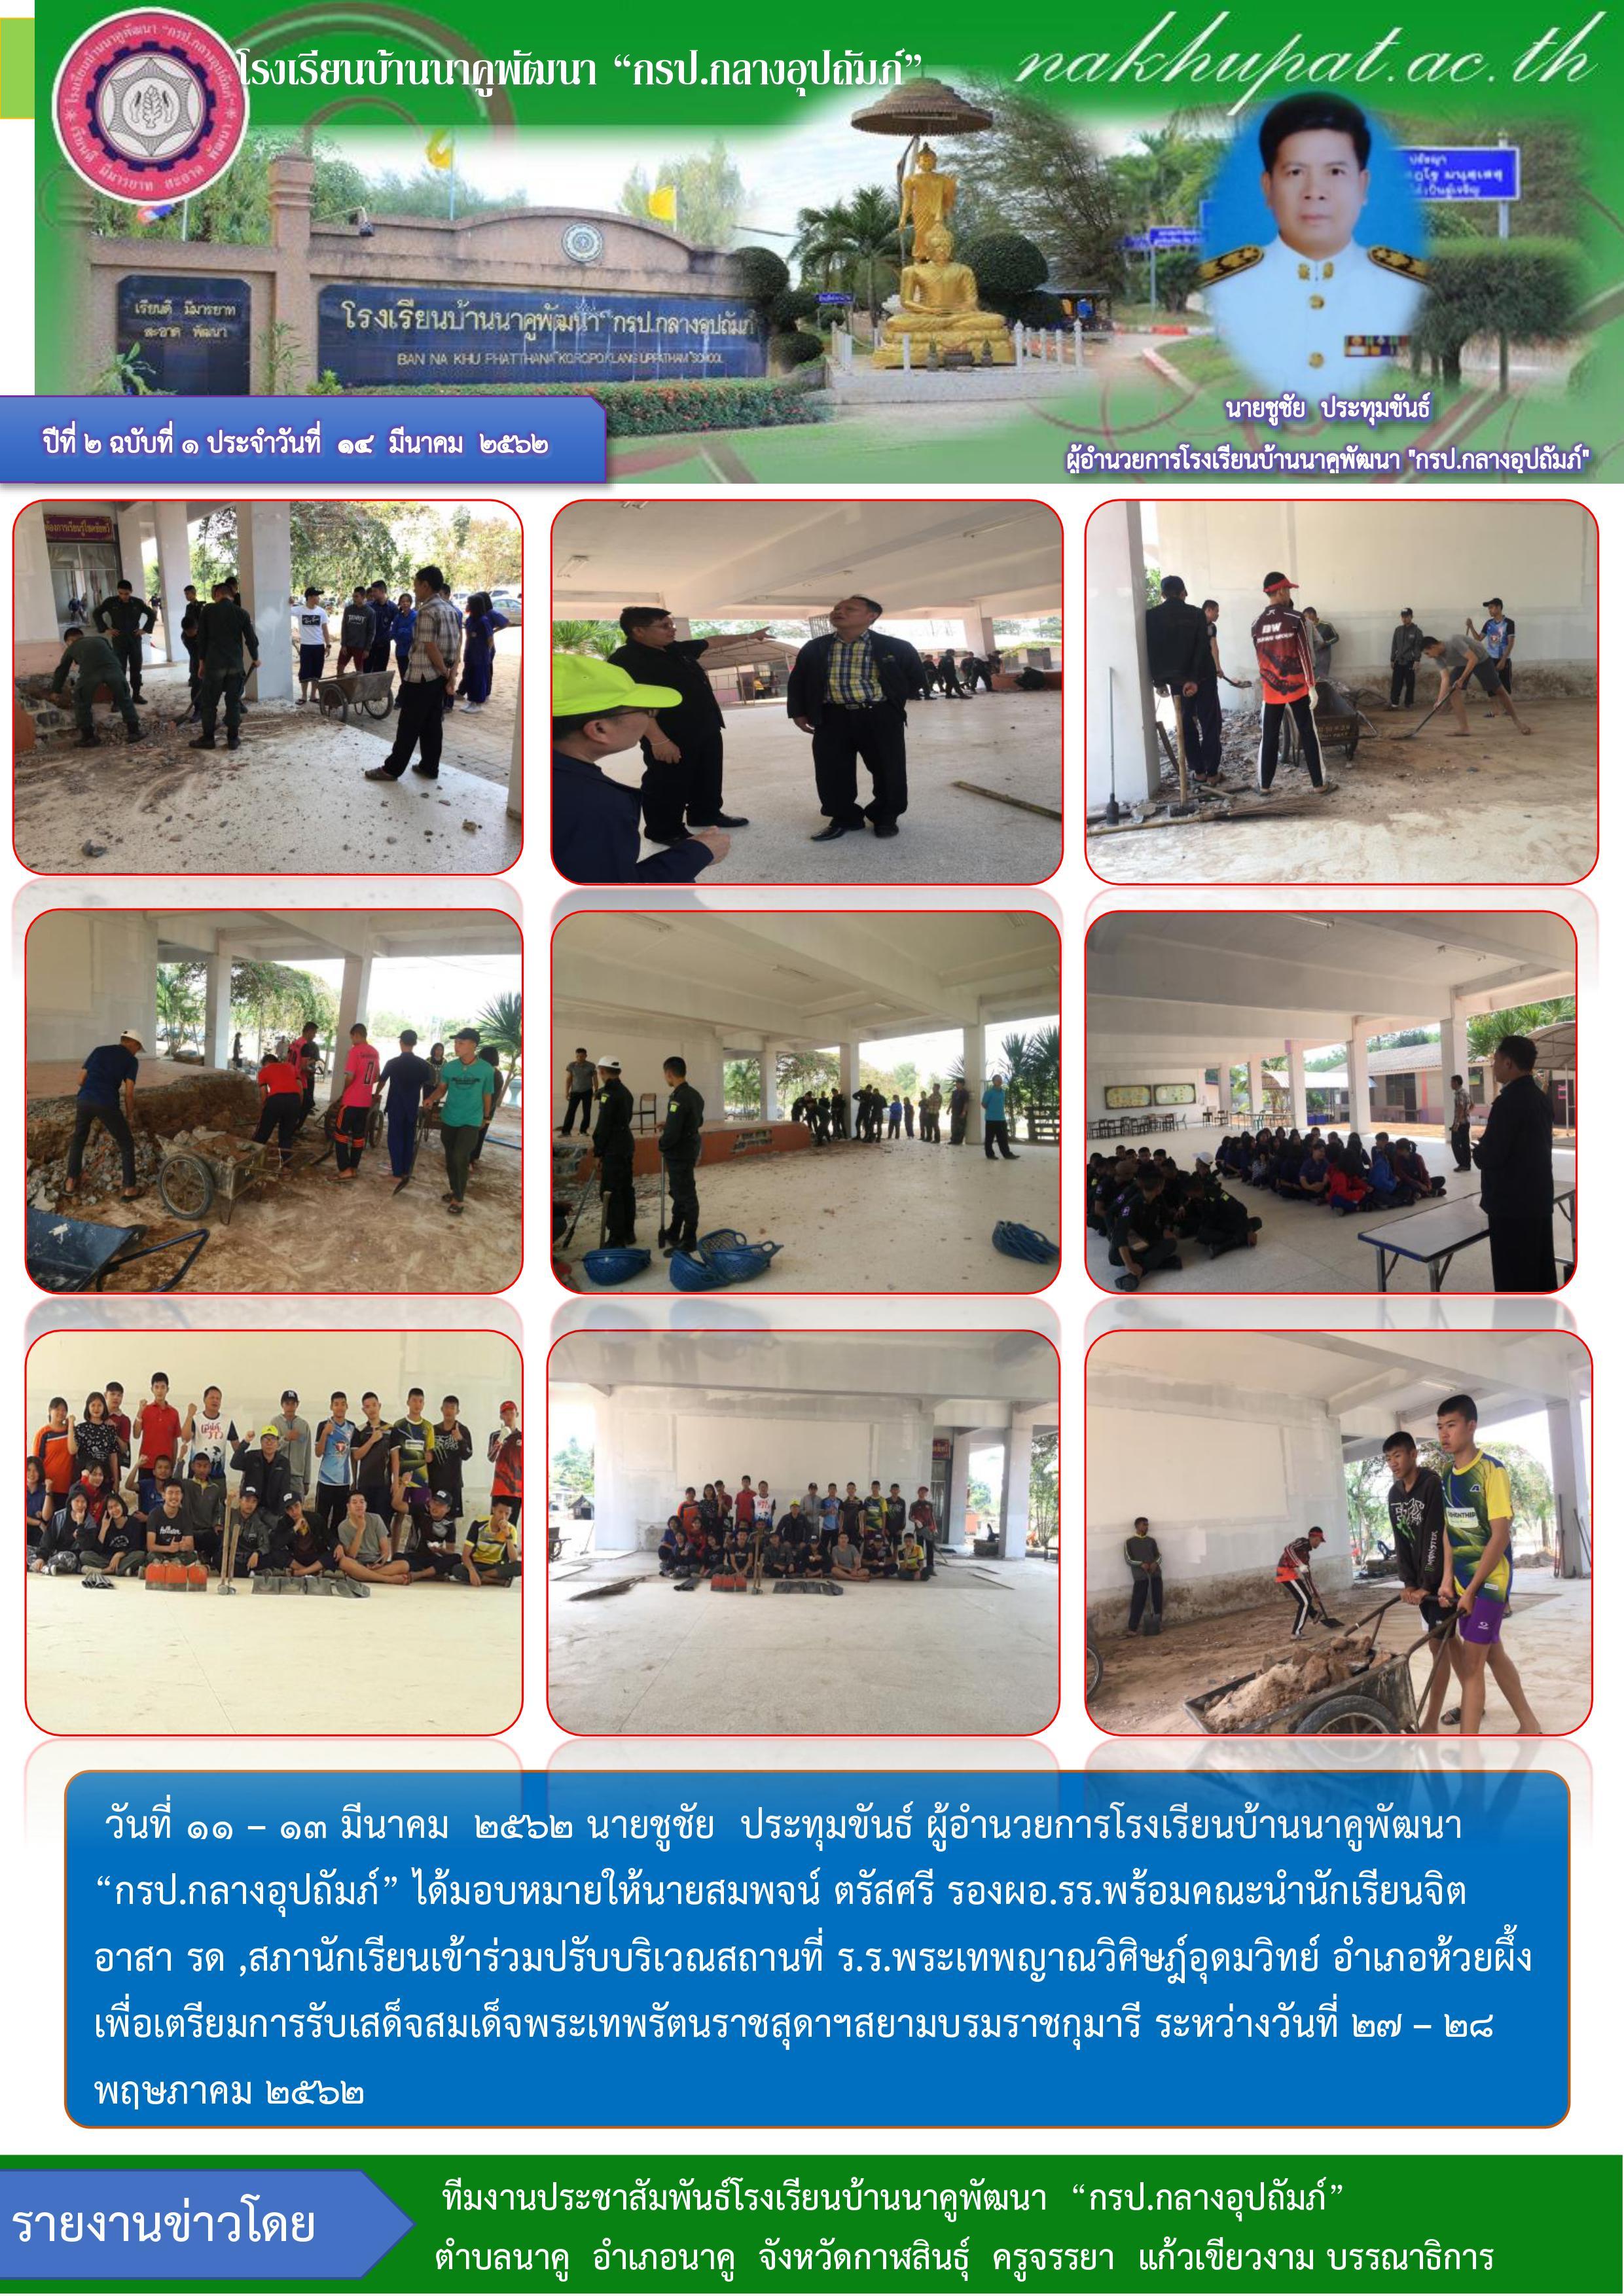 โรงเรียนบ้านนาคูพัฒนา ฯ จิตอาสาปรับปรุงบริเวณสถานที่ โรงเรียนพระเทพญาณฯ